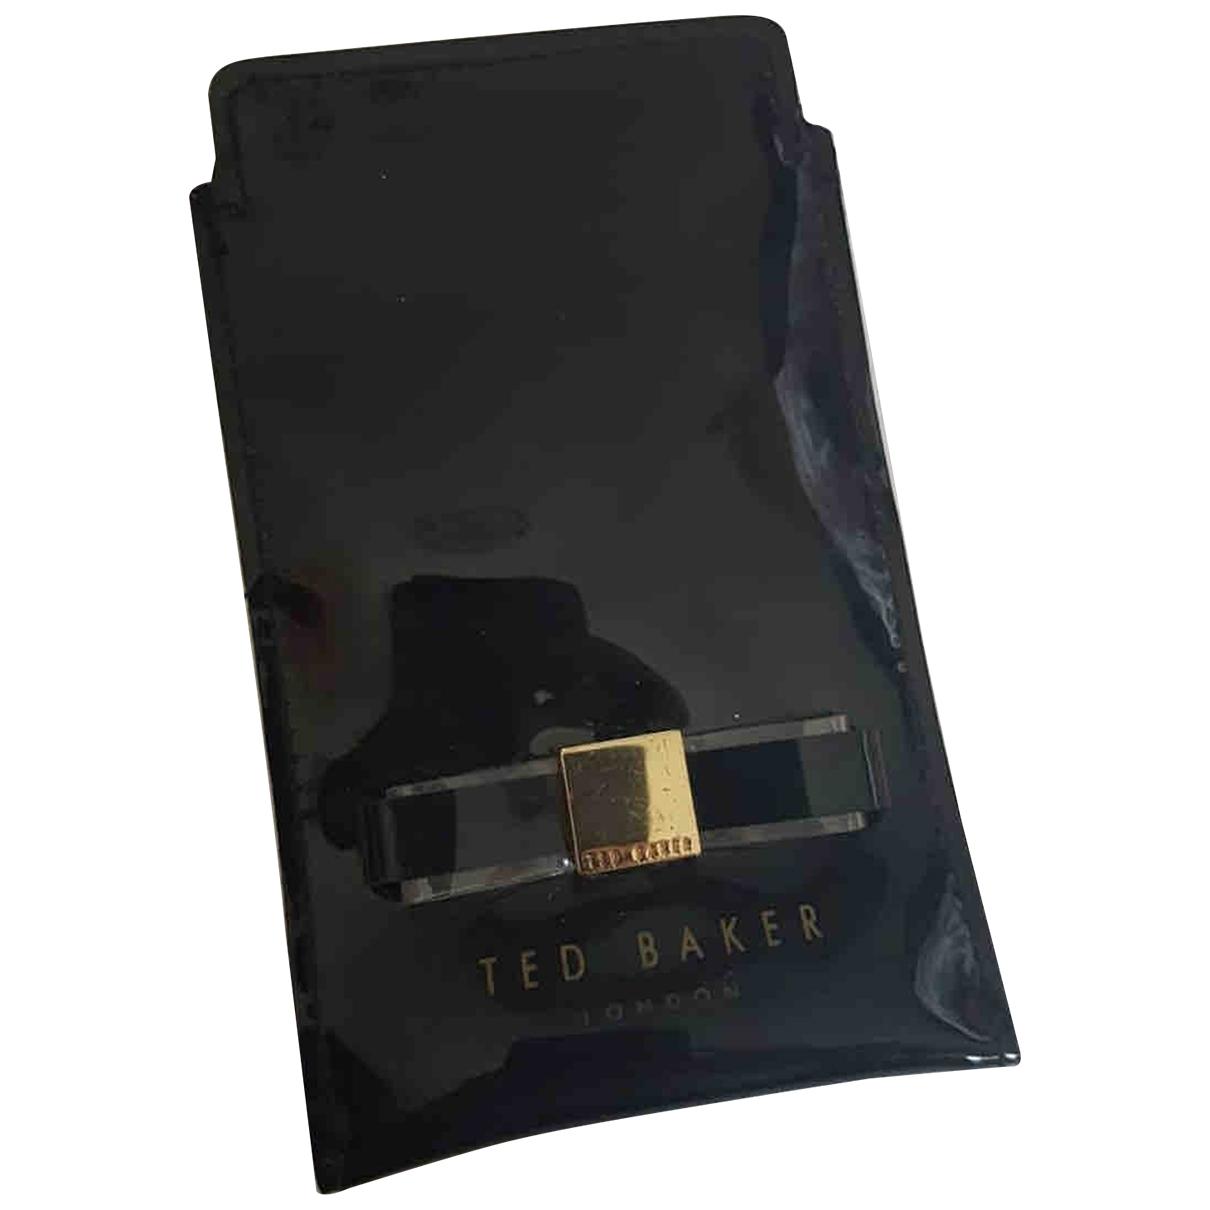 Ted Baker - Portefeuille   pour femme en cuir verni - noir